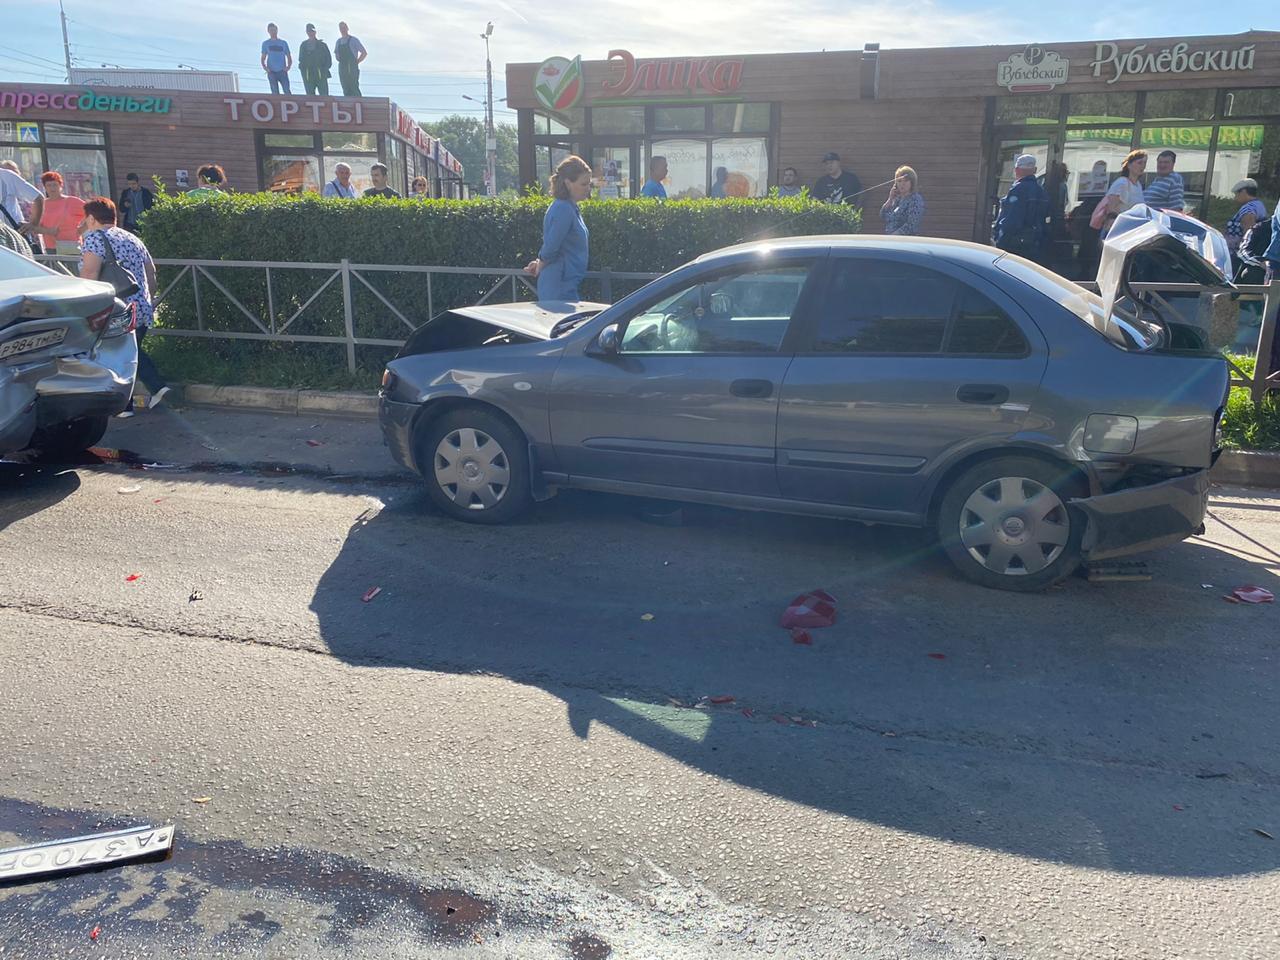 Нетрезвый водитель устроил массовое ДТП на улице Новосёлов